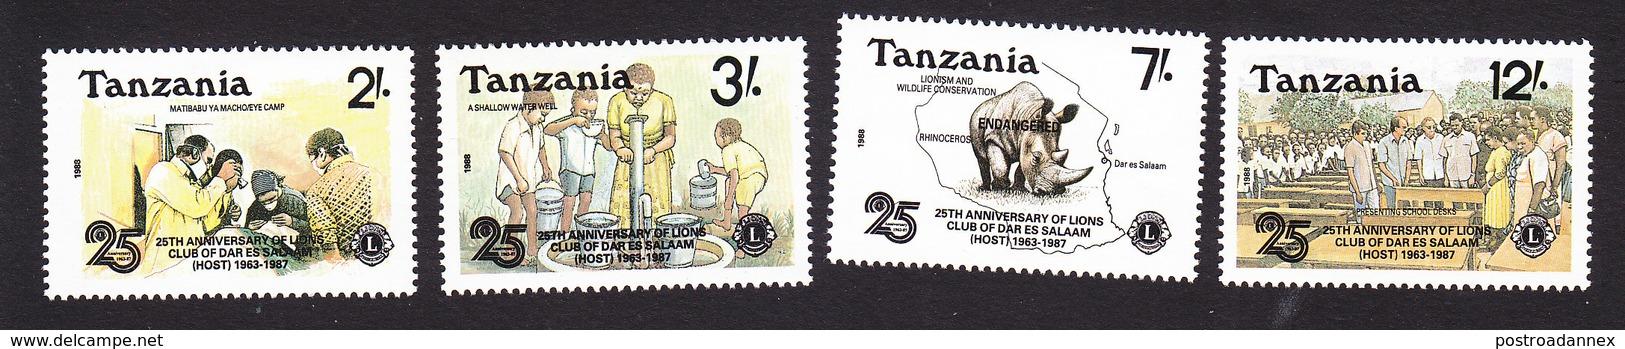 Tanzania, Scott #456-459, Mint Hinged, Int'l Red Cross, Issued 1988 - Tanzanie (1964-...)